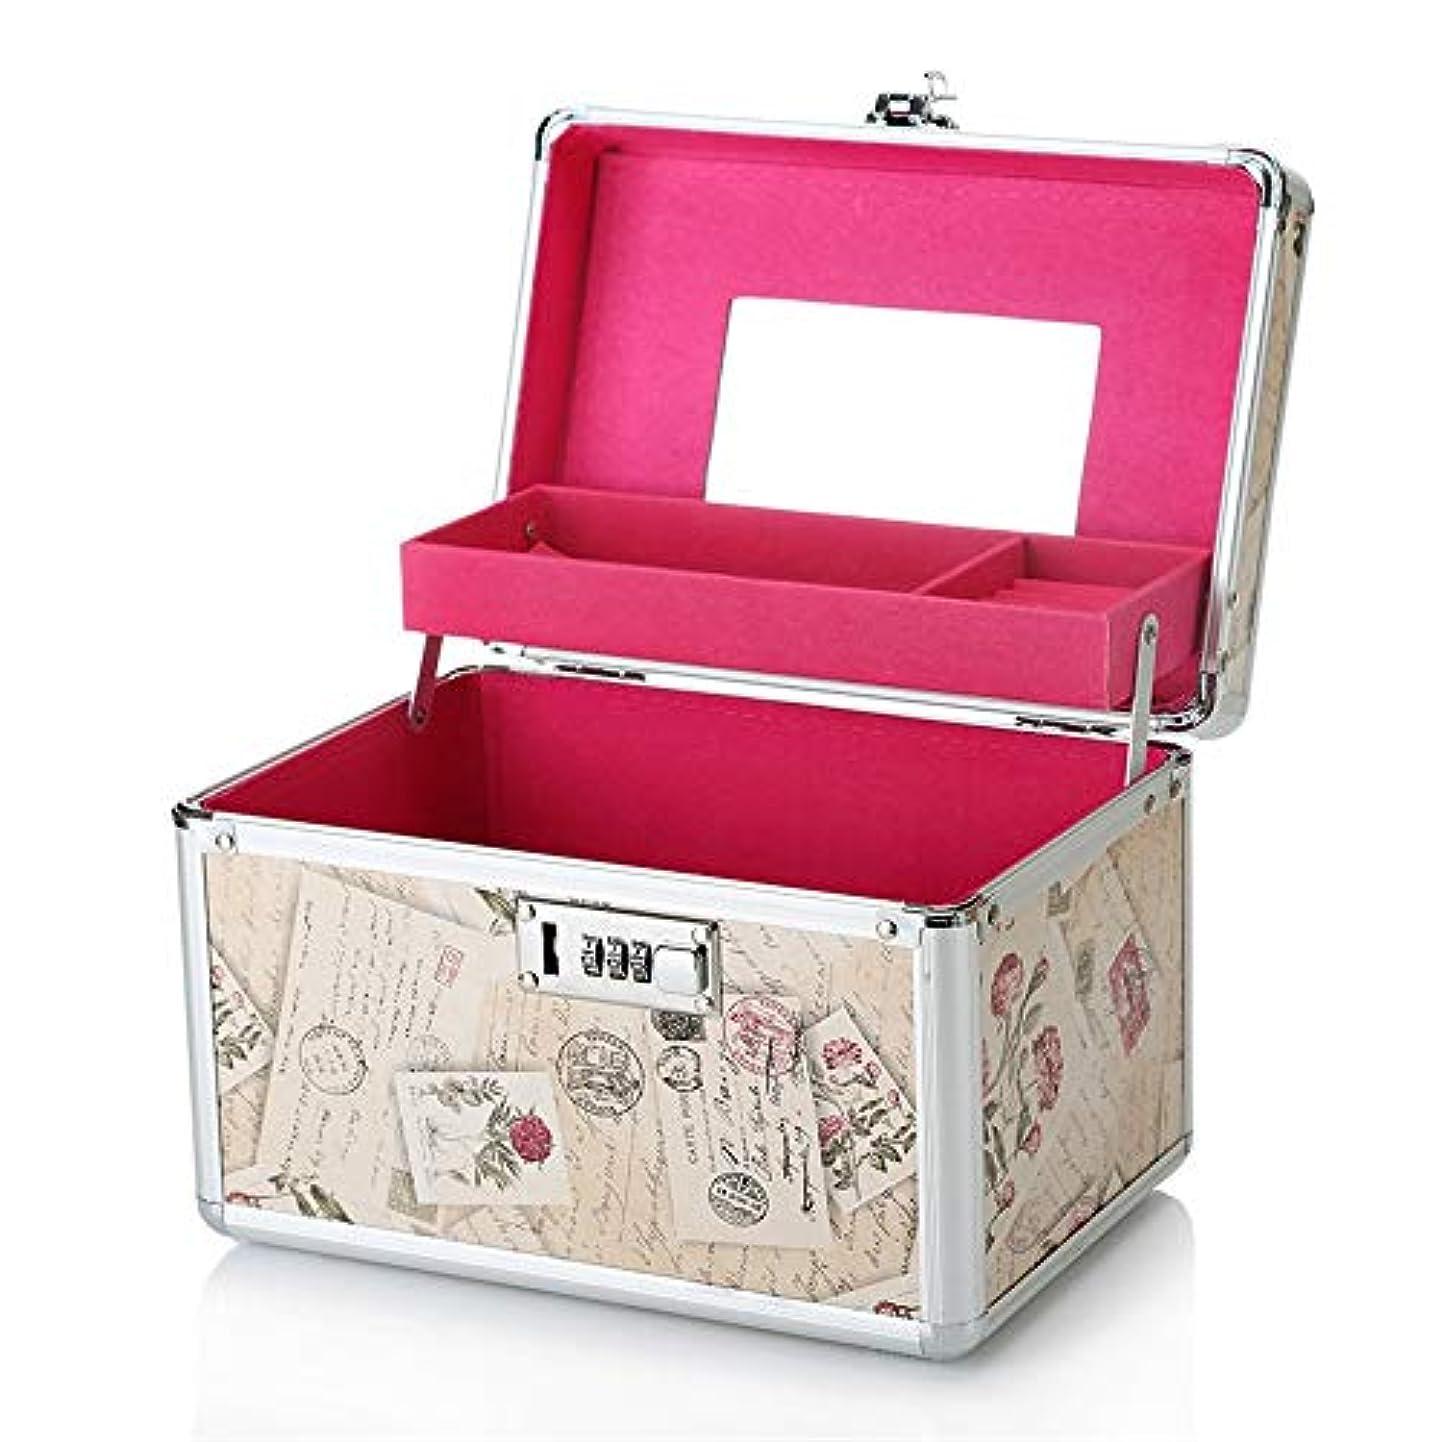 後世慢経験者化粧オーガナイザーバッグ 旅行のメイクアップバッグメイク化粧品バッグトイレタリー化粧ケース 化粧品ケース